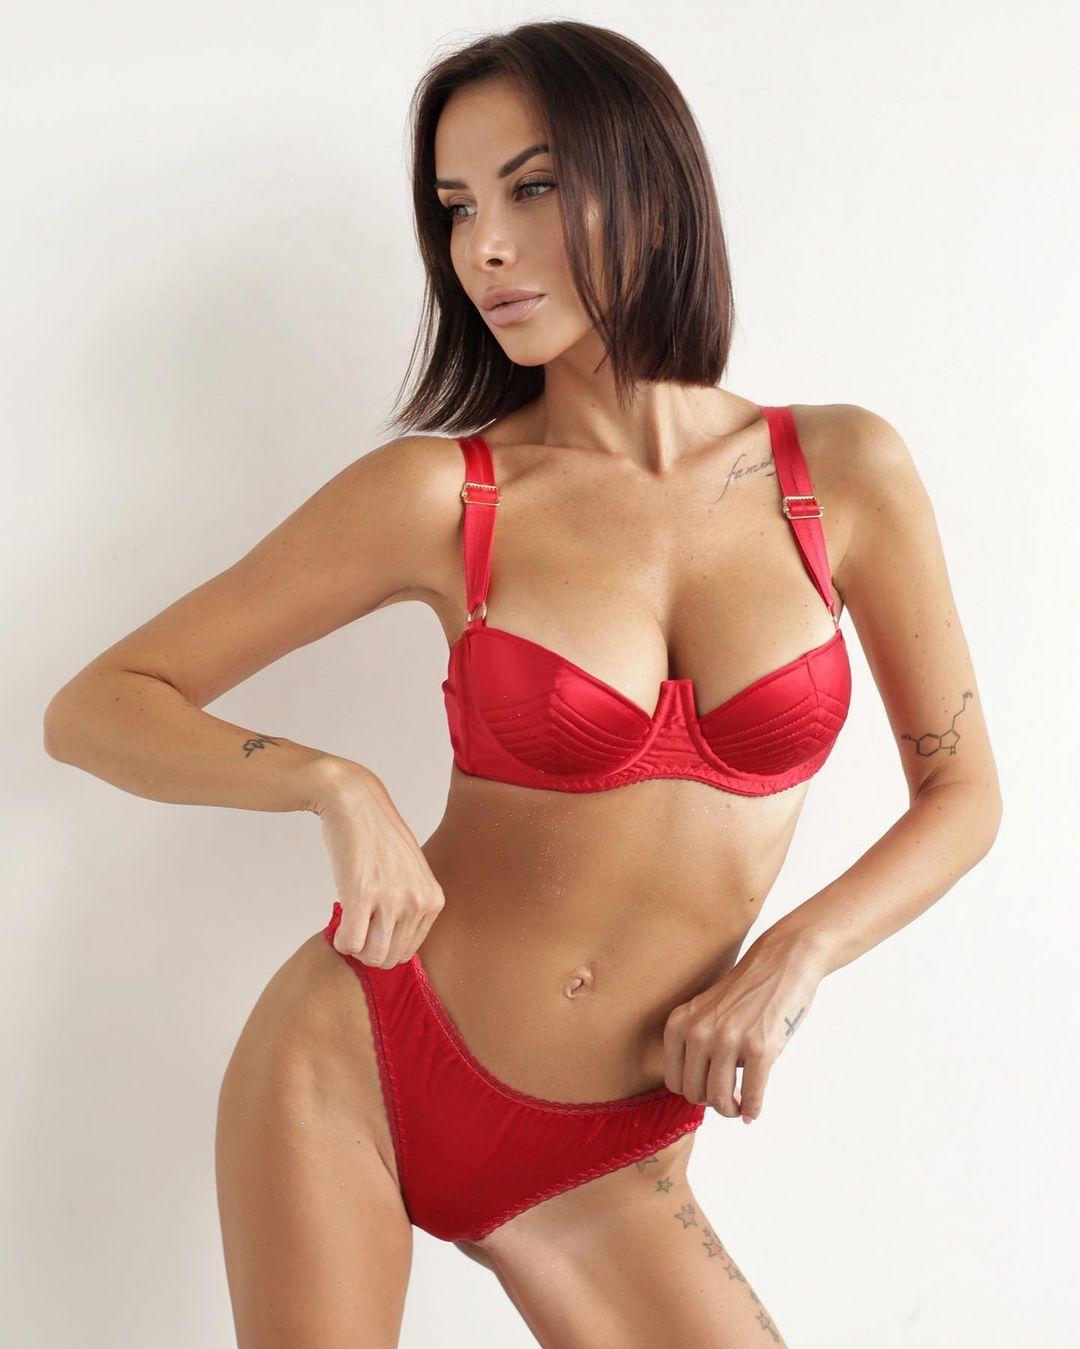 anna_grachevskaya_241732731_220361040065696_1464183917372017399_n.jpg